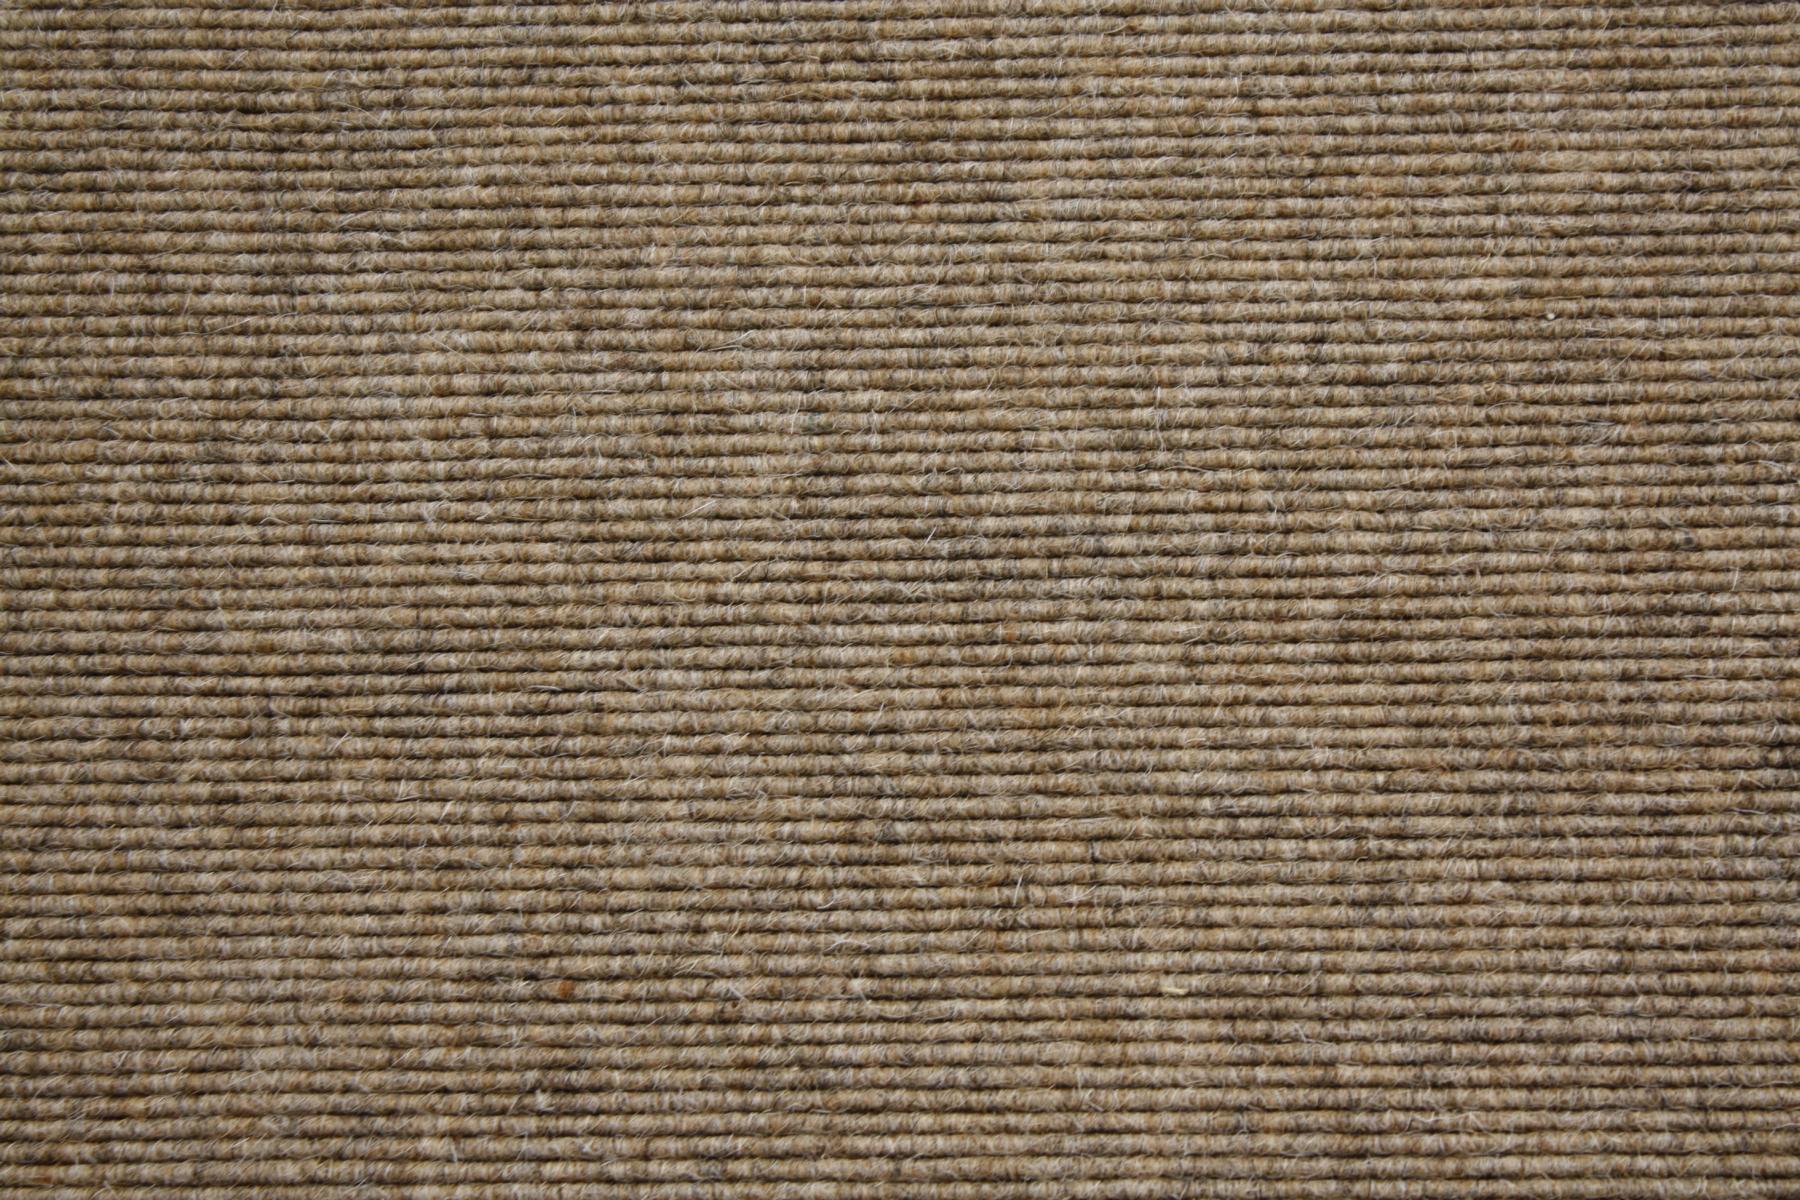 Teppich Tretford 571 umkettelt 200 x 200 cm Ziegenhaar